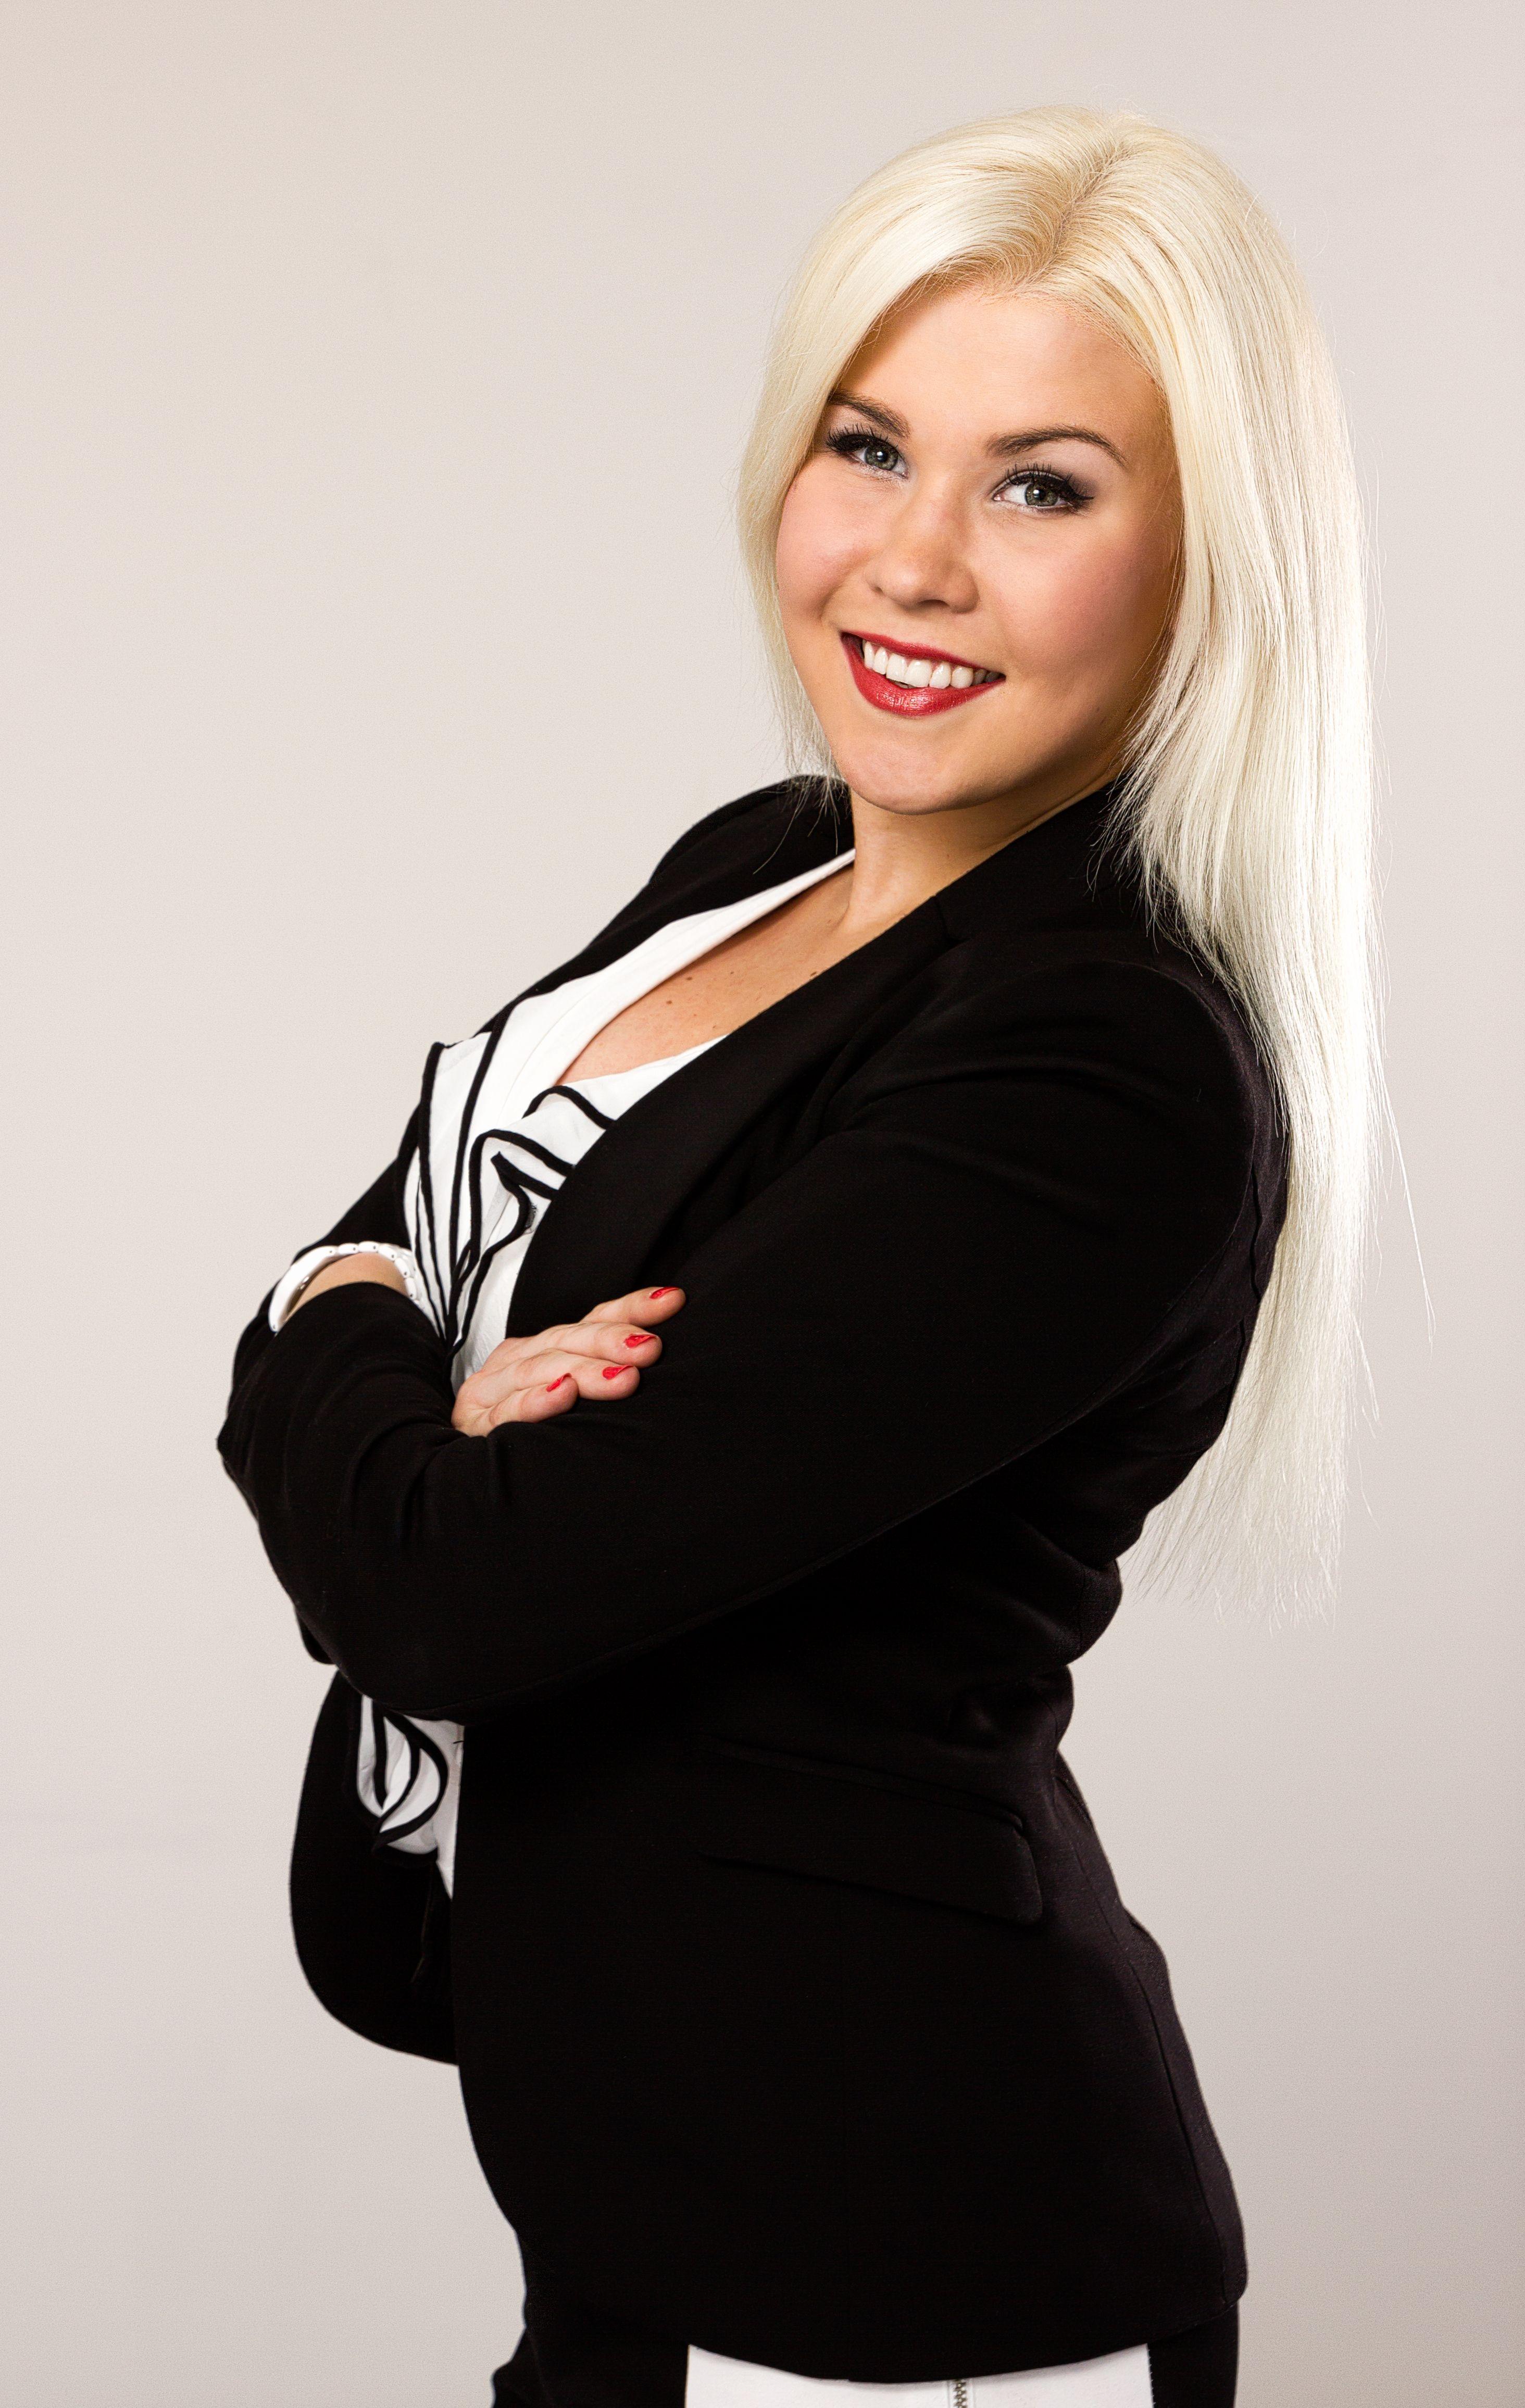 Tervehdys! Olen Anniina Makkonen, 23-vuotias vasta valmistuva Tradenomi. Etsin työtä joka tarjoaa minulle haasteita. Oletteko Te valmiita ottamaan haasteen vastaan? Tutustu minuun Pinterestin kautta, katso CV -videoni ja kutsu työhaastatteluun!